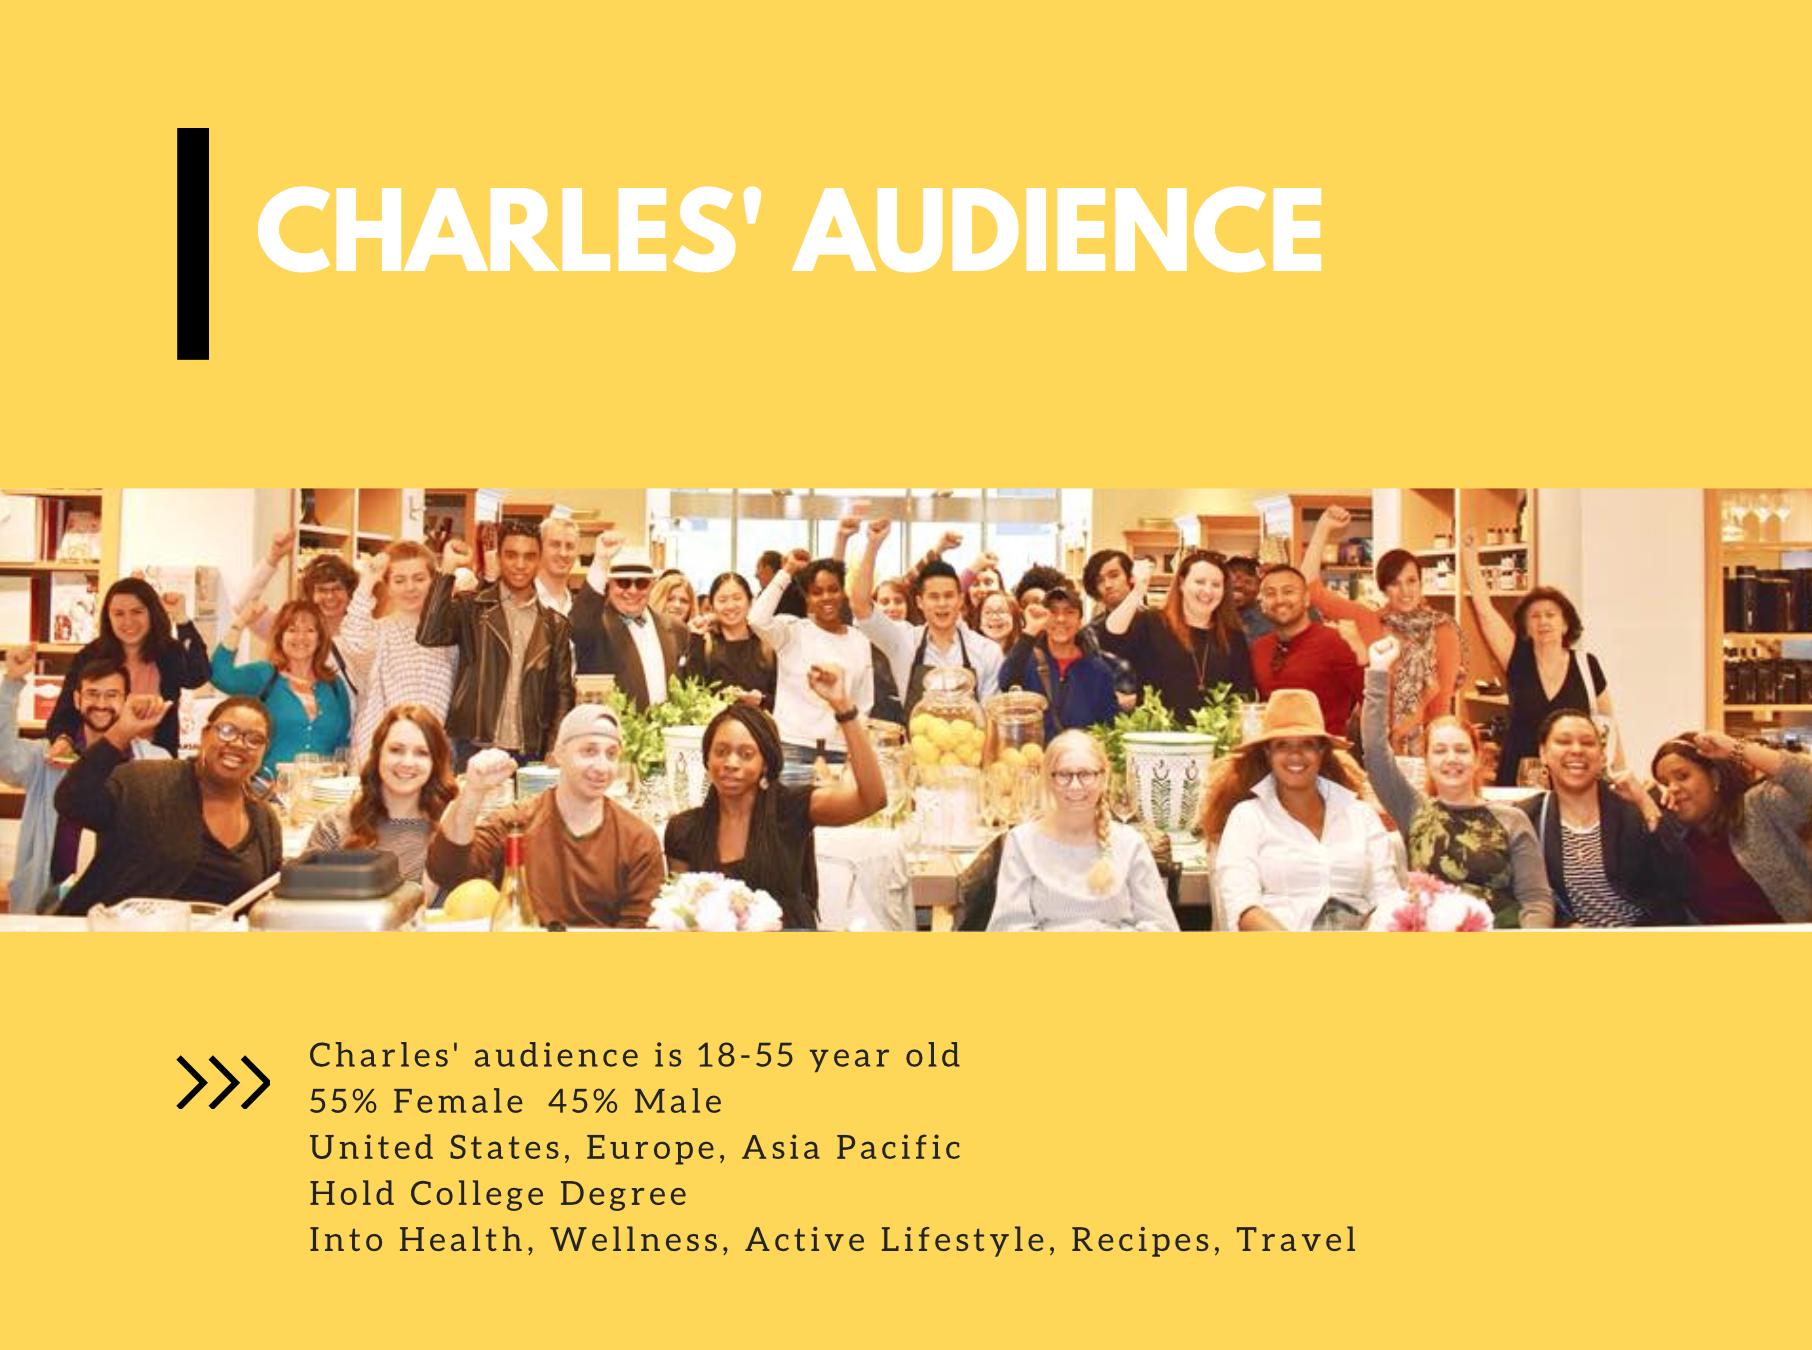 www.CharlesChen.tv